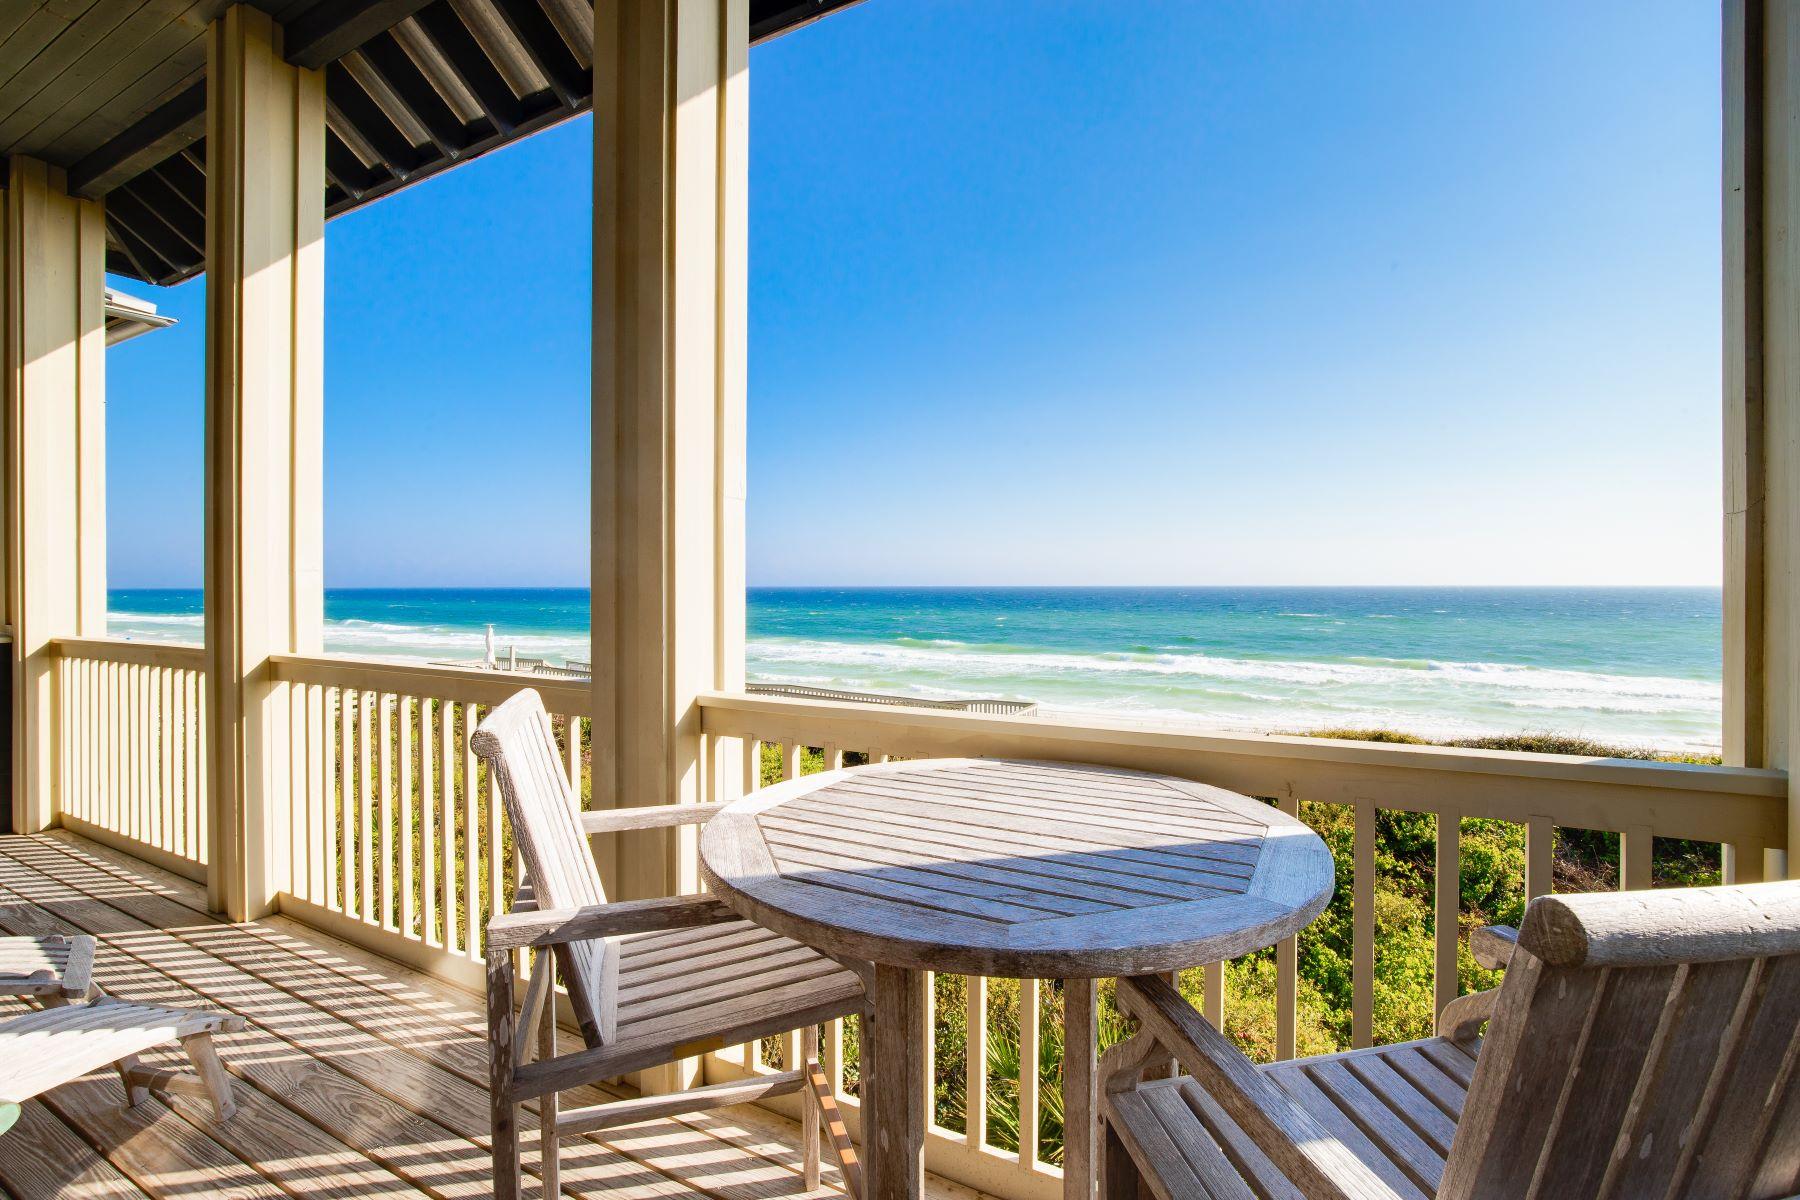 Terreno por un Venta en Opportunity to Re-imagine Space in Rosemary Beach 30 Atwoods Court Rosemary Beach, Florida 32461 Estados Unidos